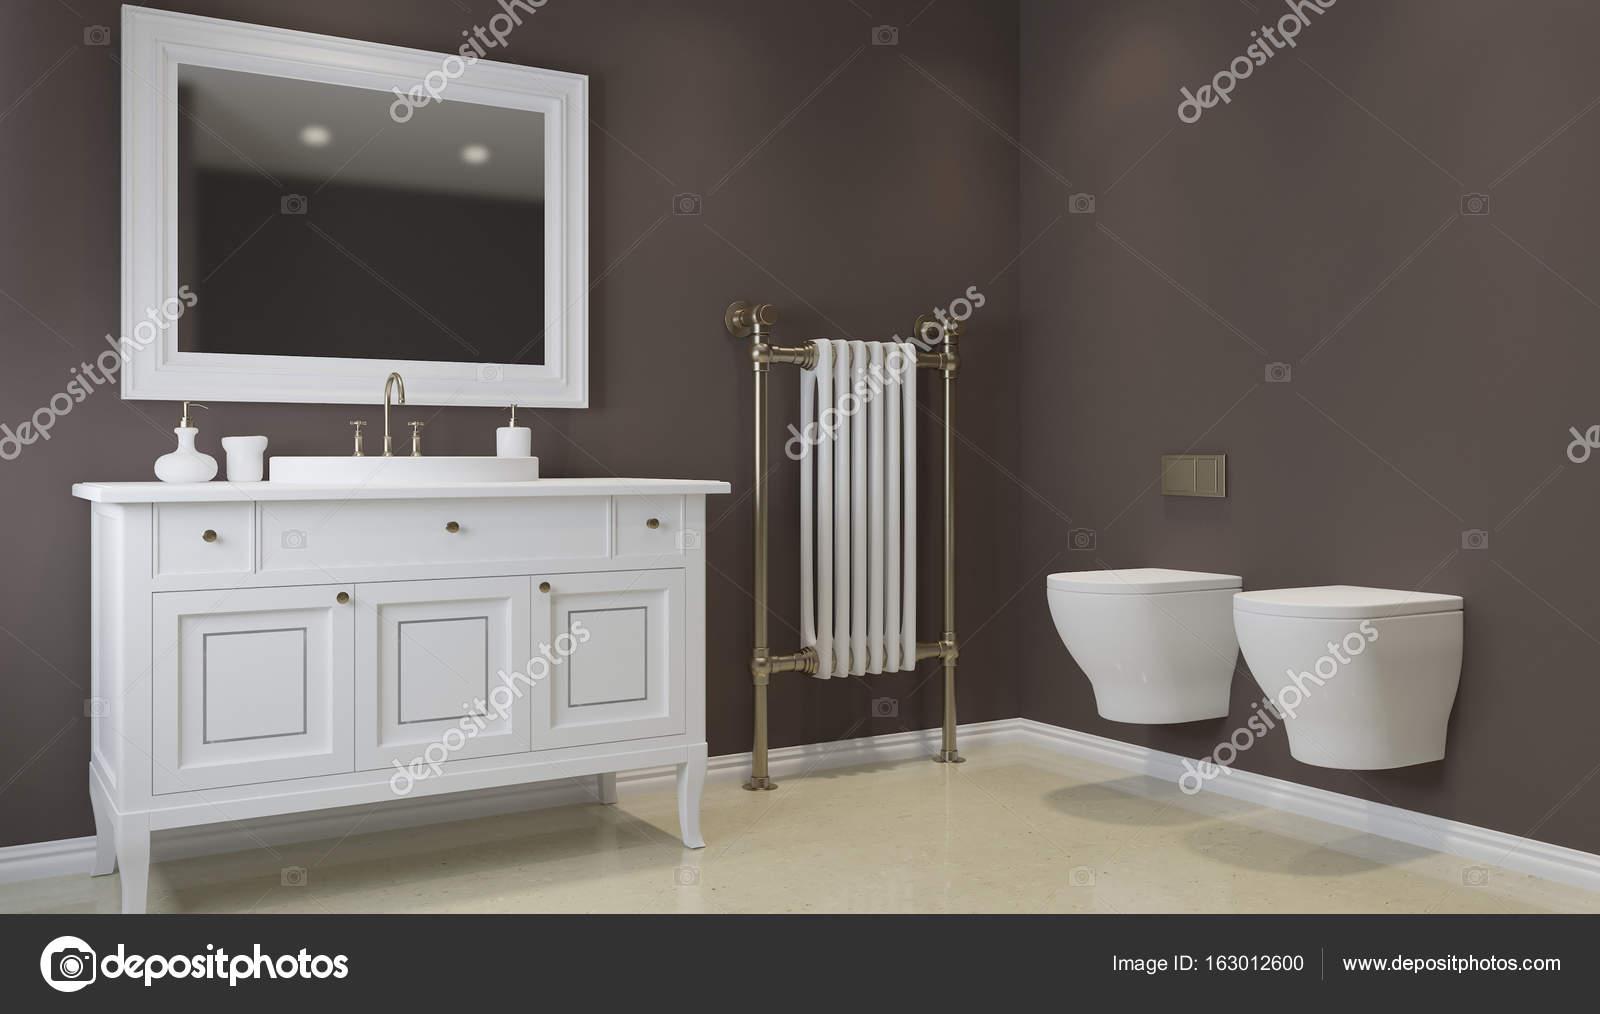 Salle de bain dans les tons de gris avec chauffage au sol. rendu 3D ...